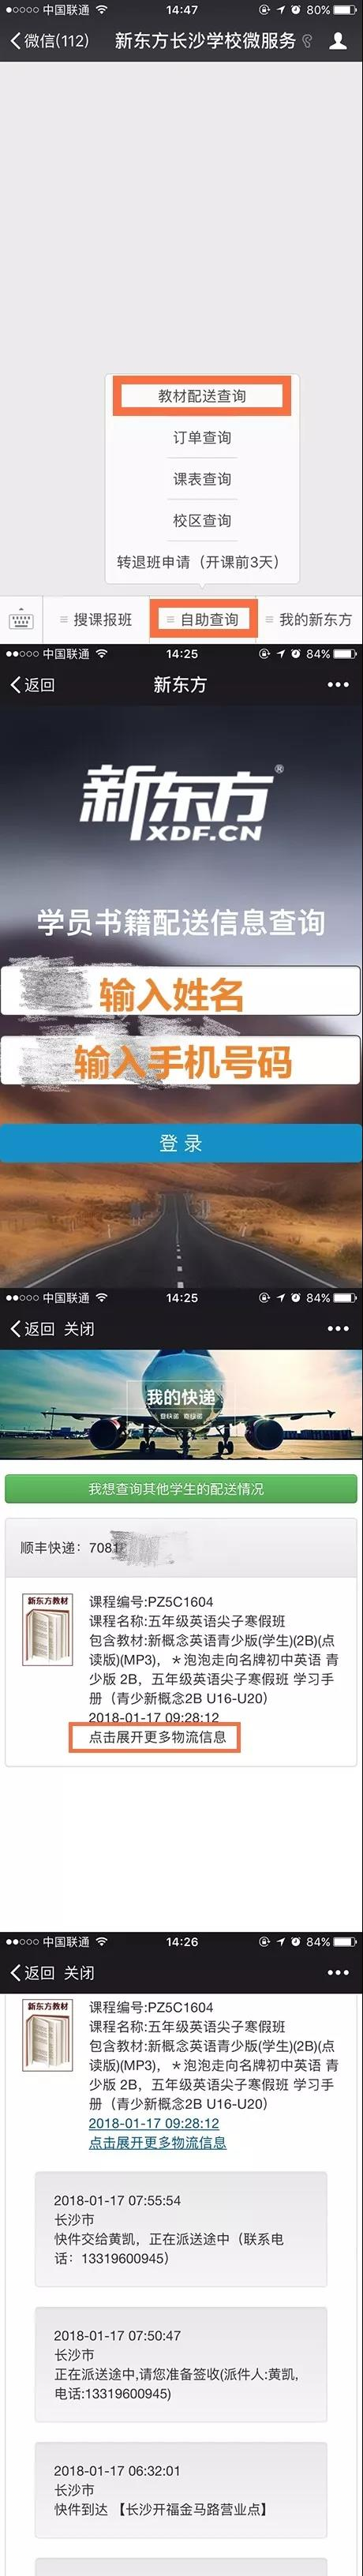 长沙新东方教材配送流程